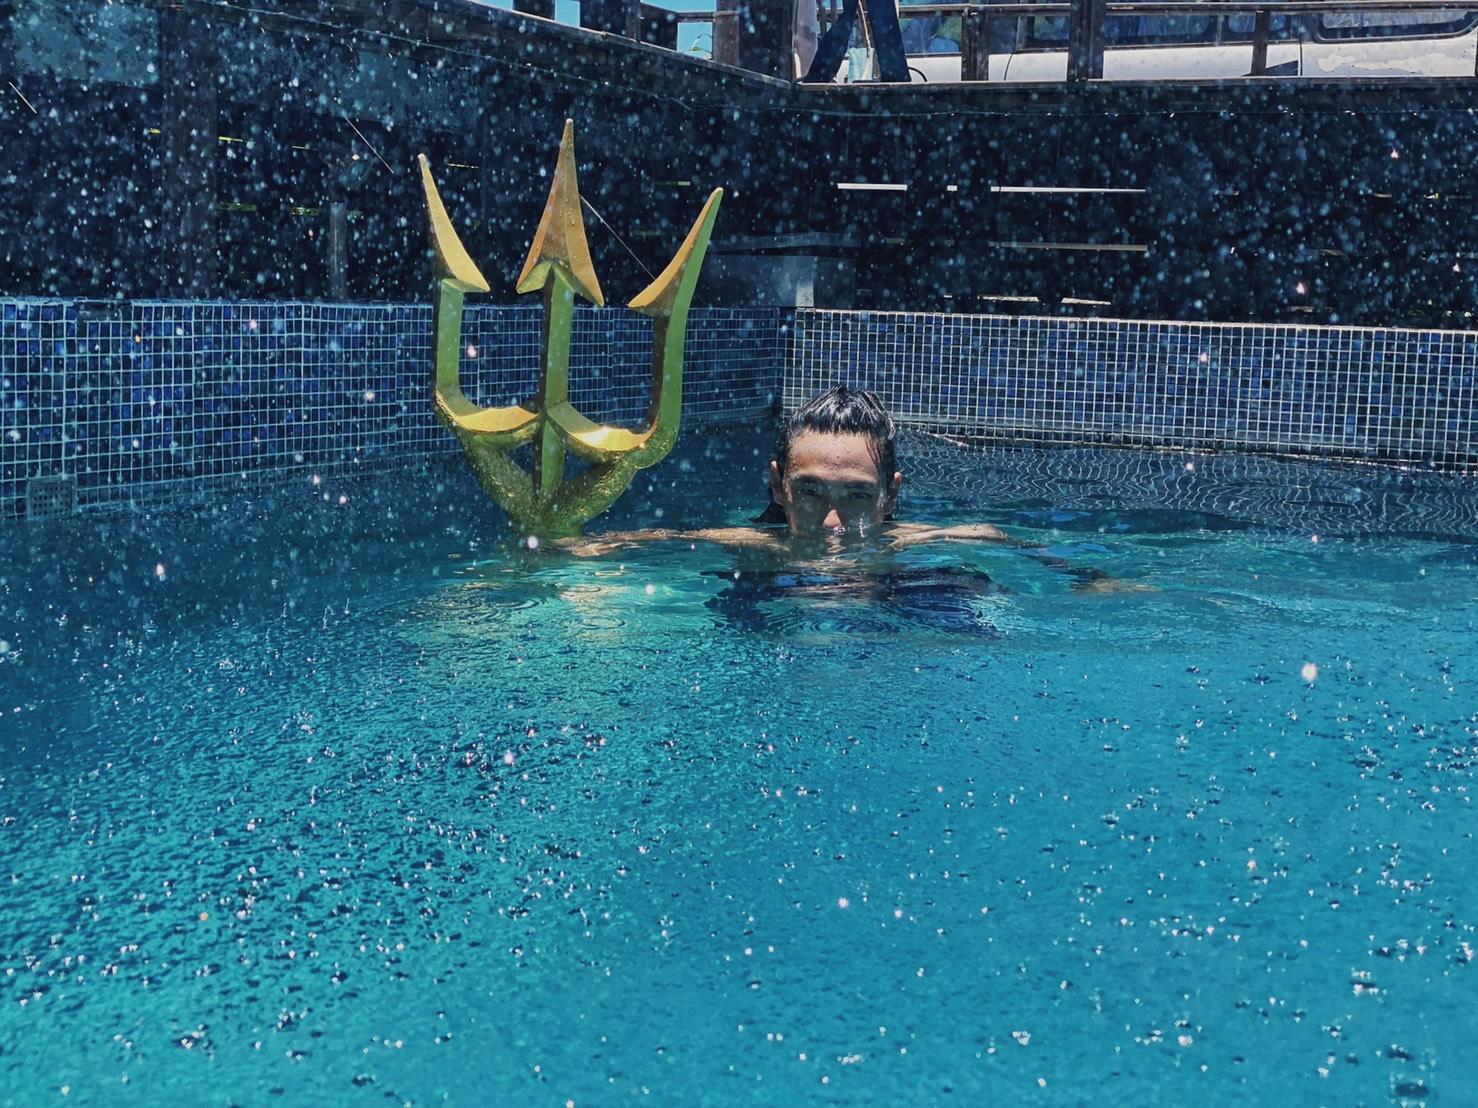 ▲陳仲熙住宿最重視景色,一定要有躺椅能日曬,民宿泳池也能讓他隨時能沁涼一下。